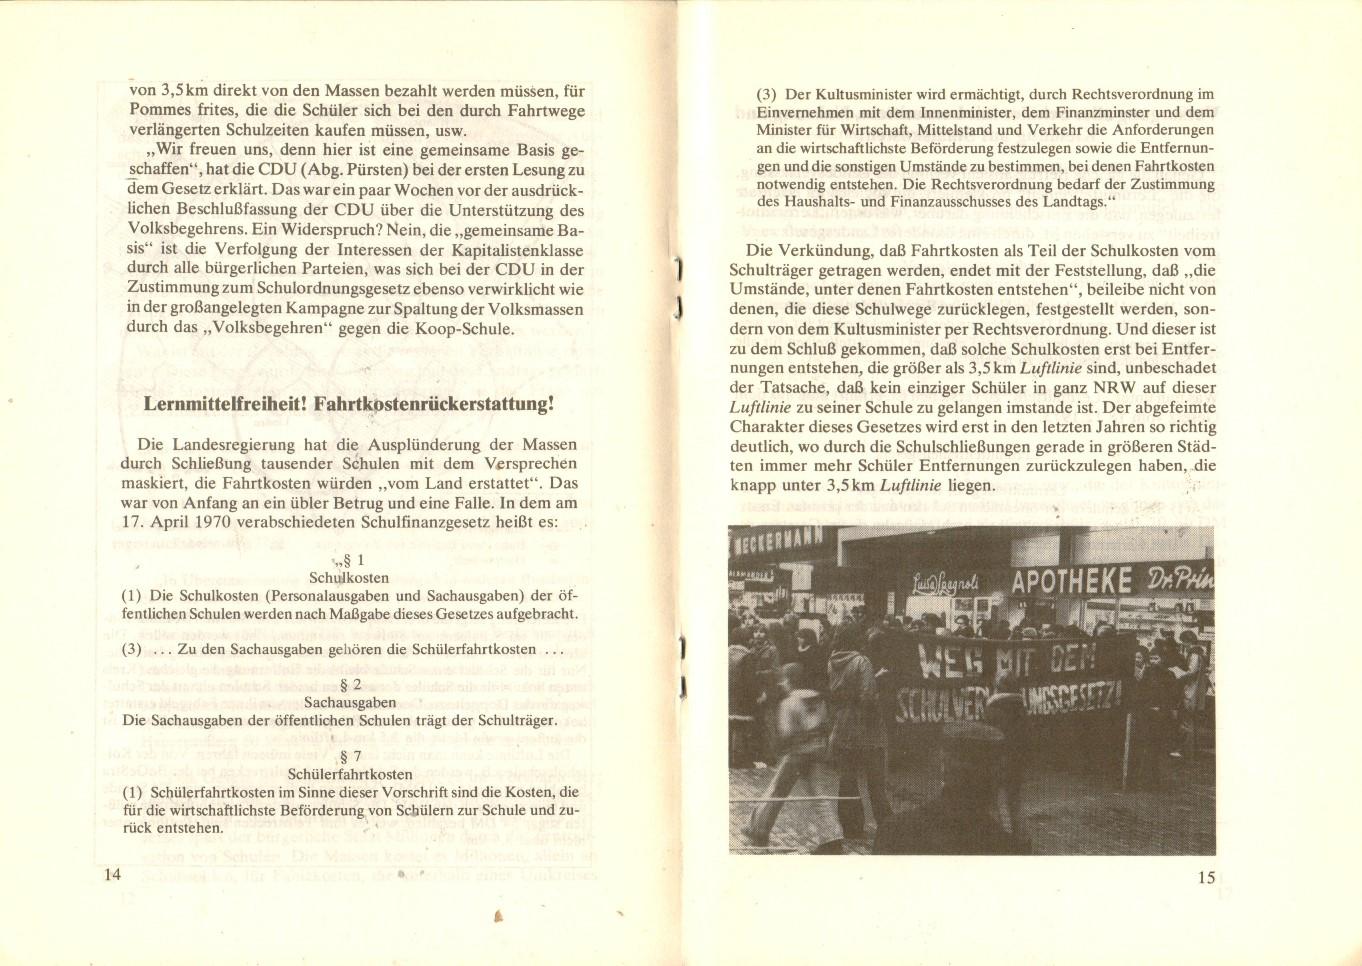 NRW_KBW_1978_SPD_Schulgesetze_09